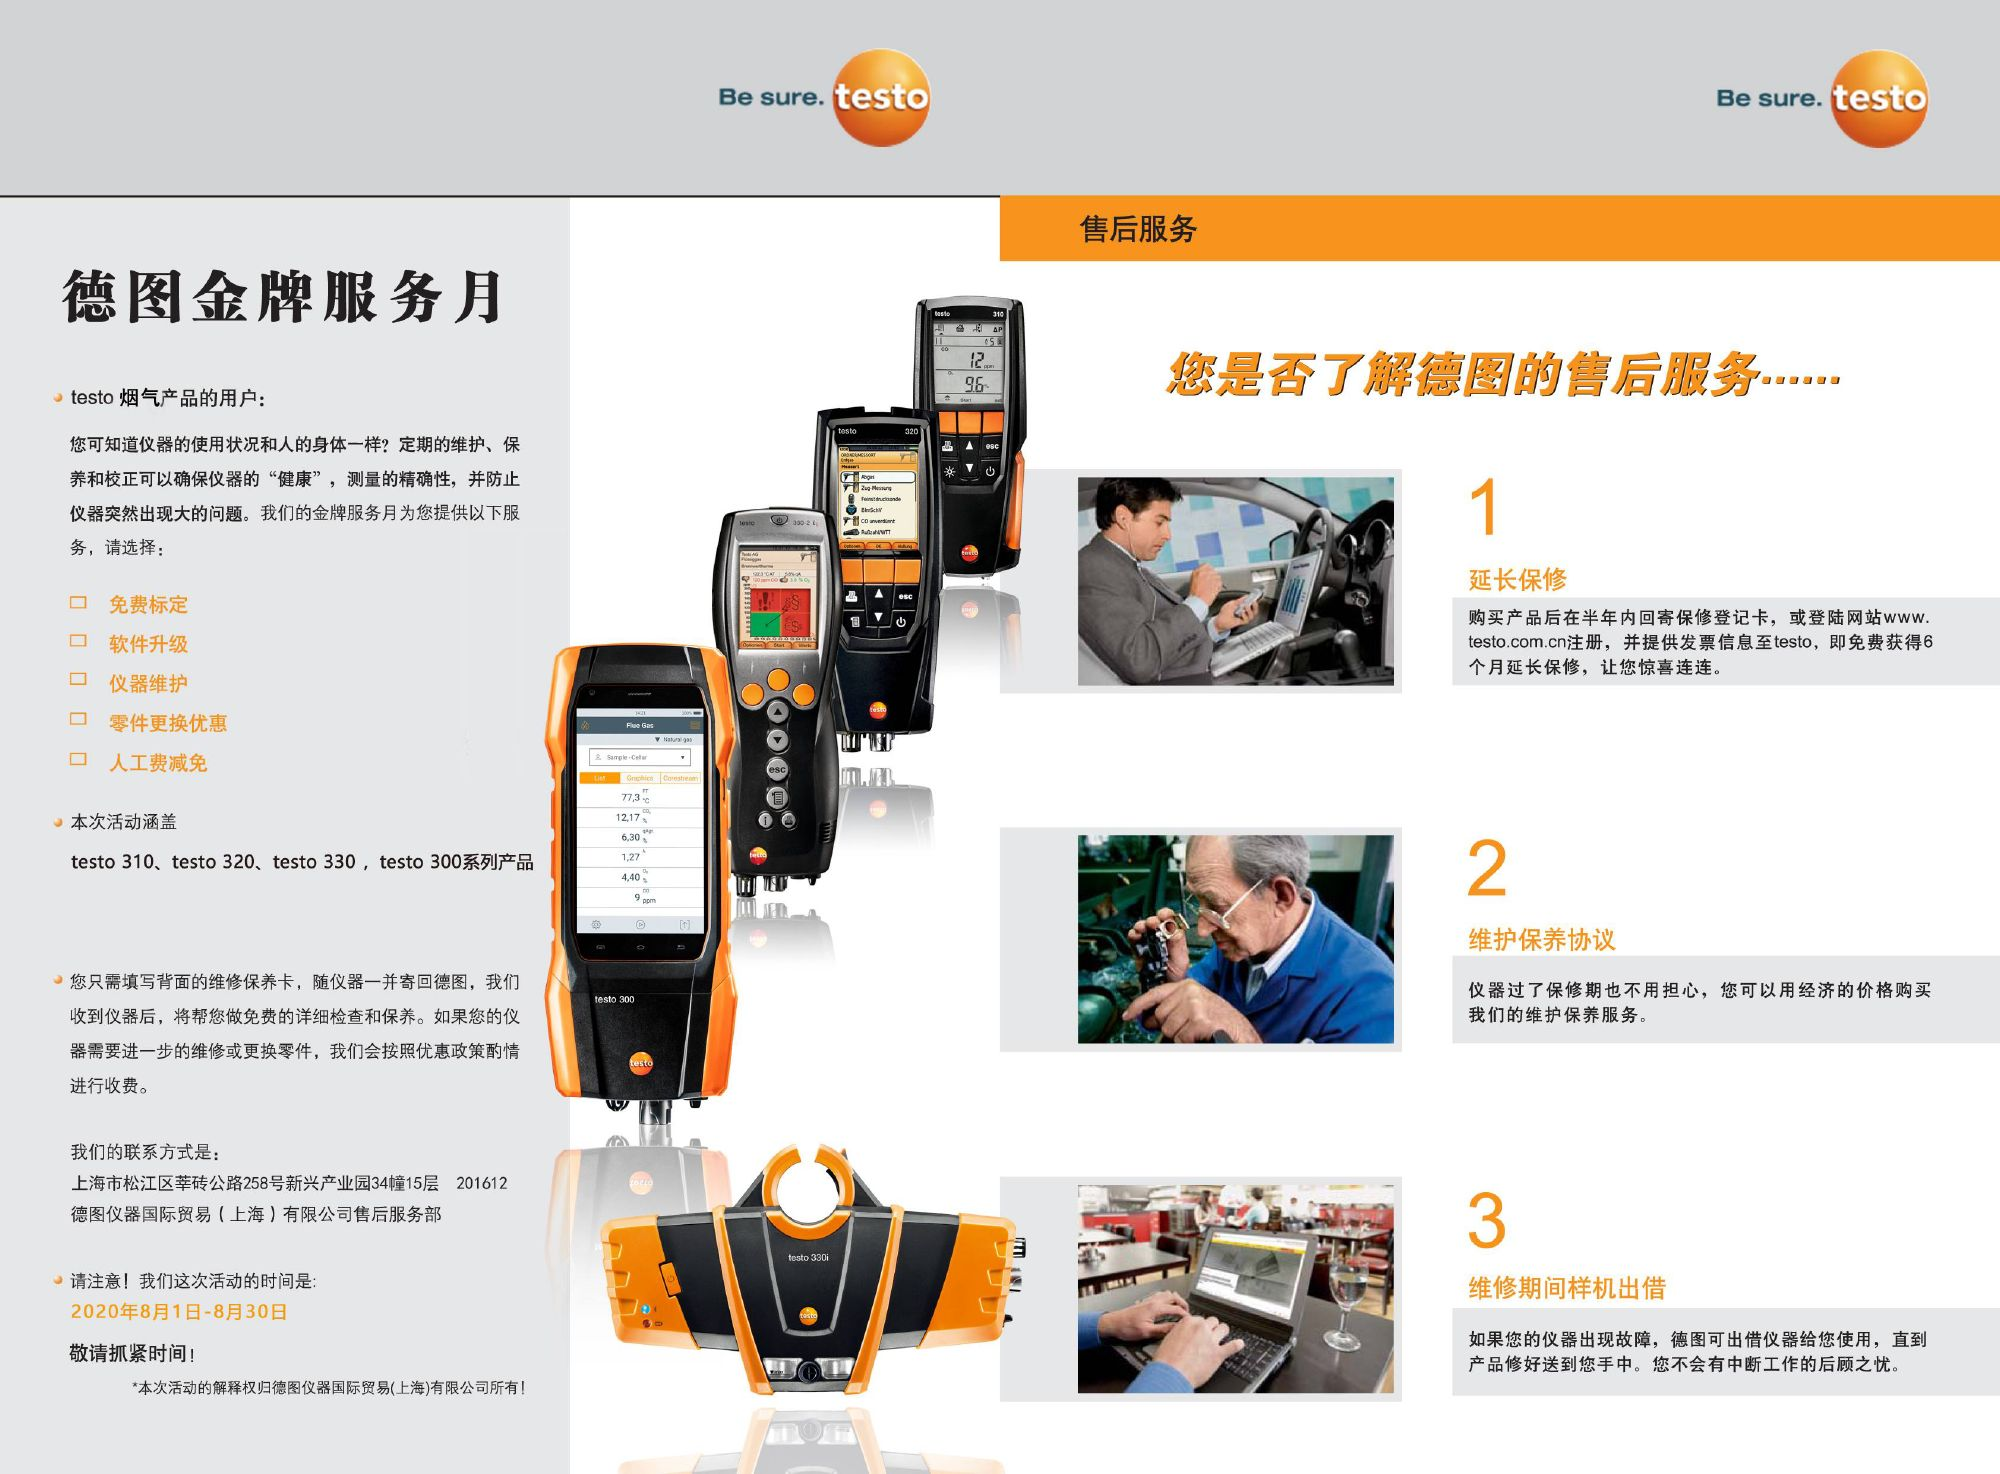 CN_202007_golden_service_card_02.jpg